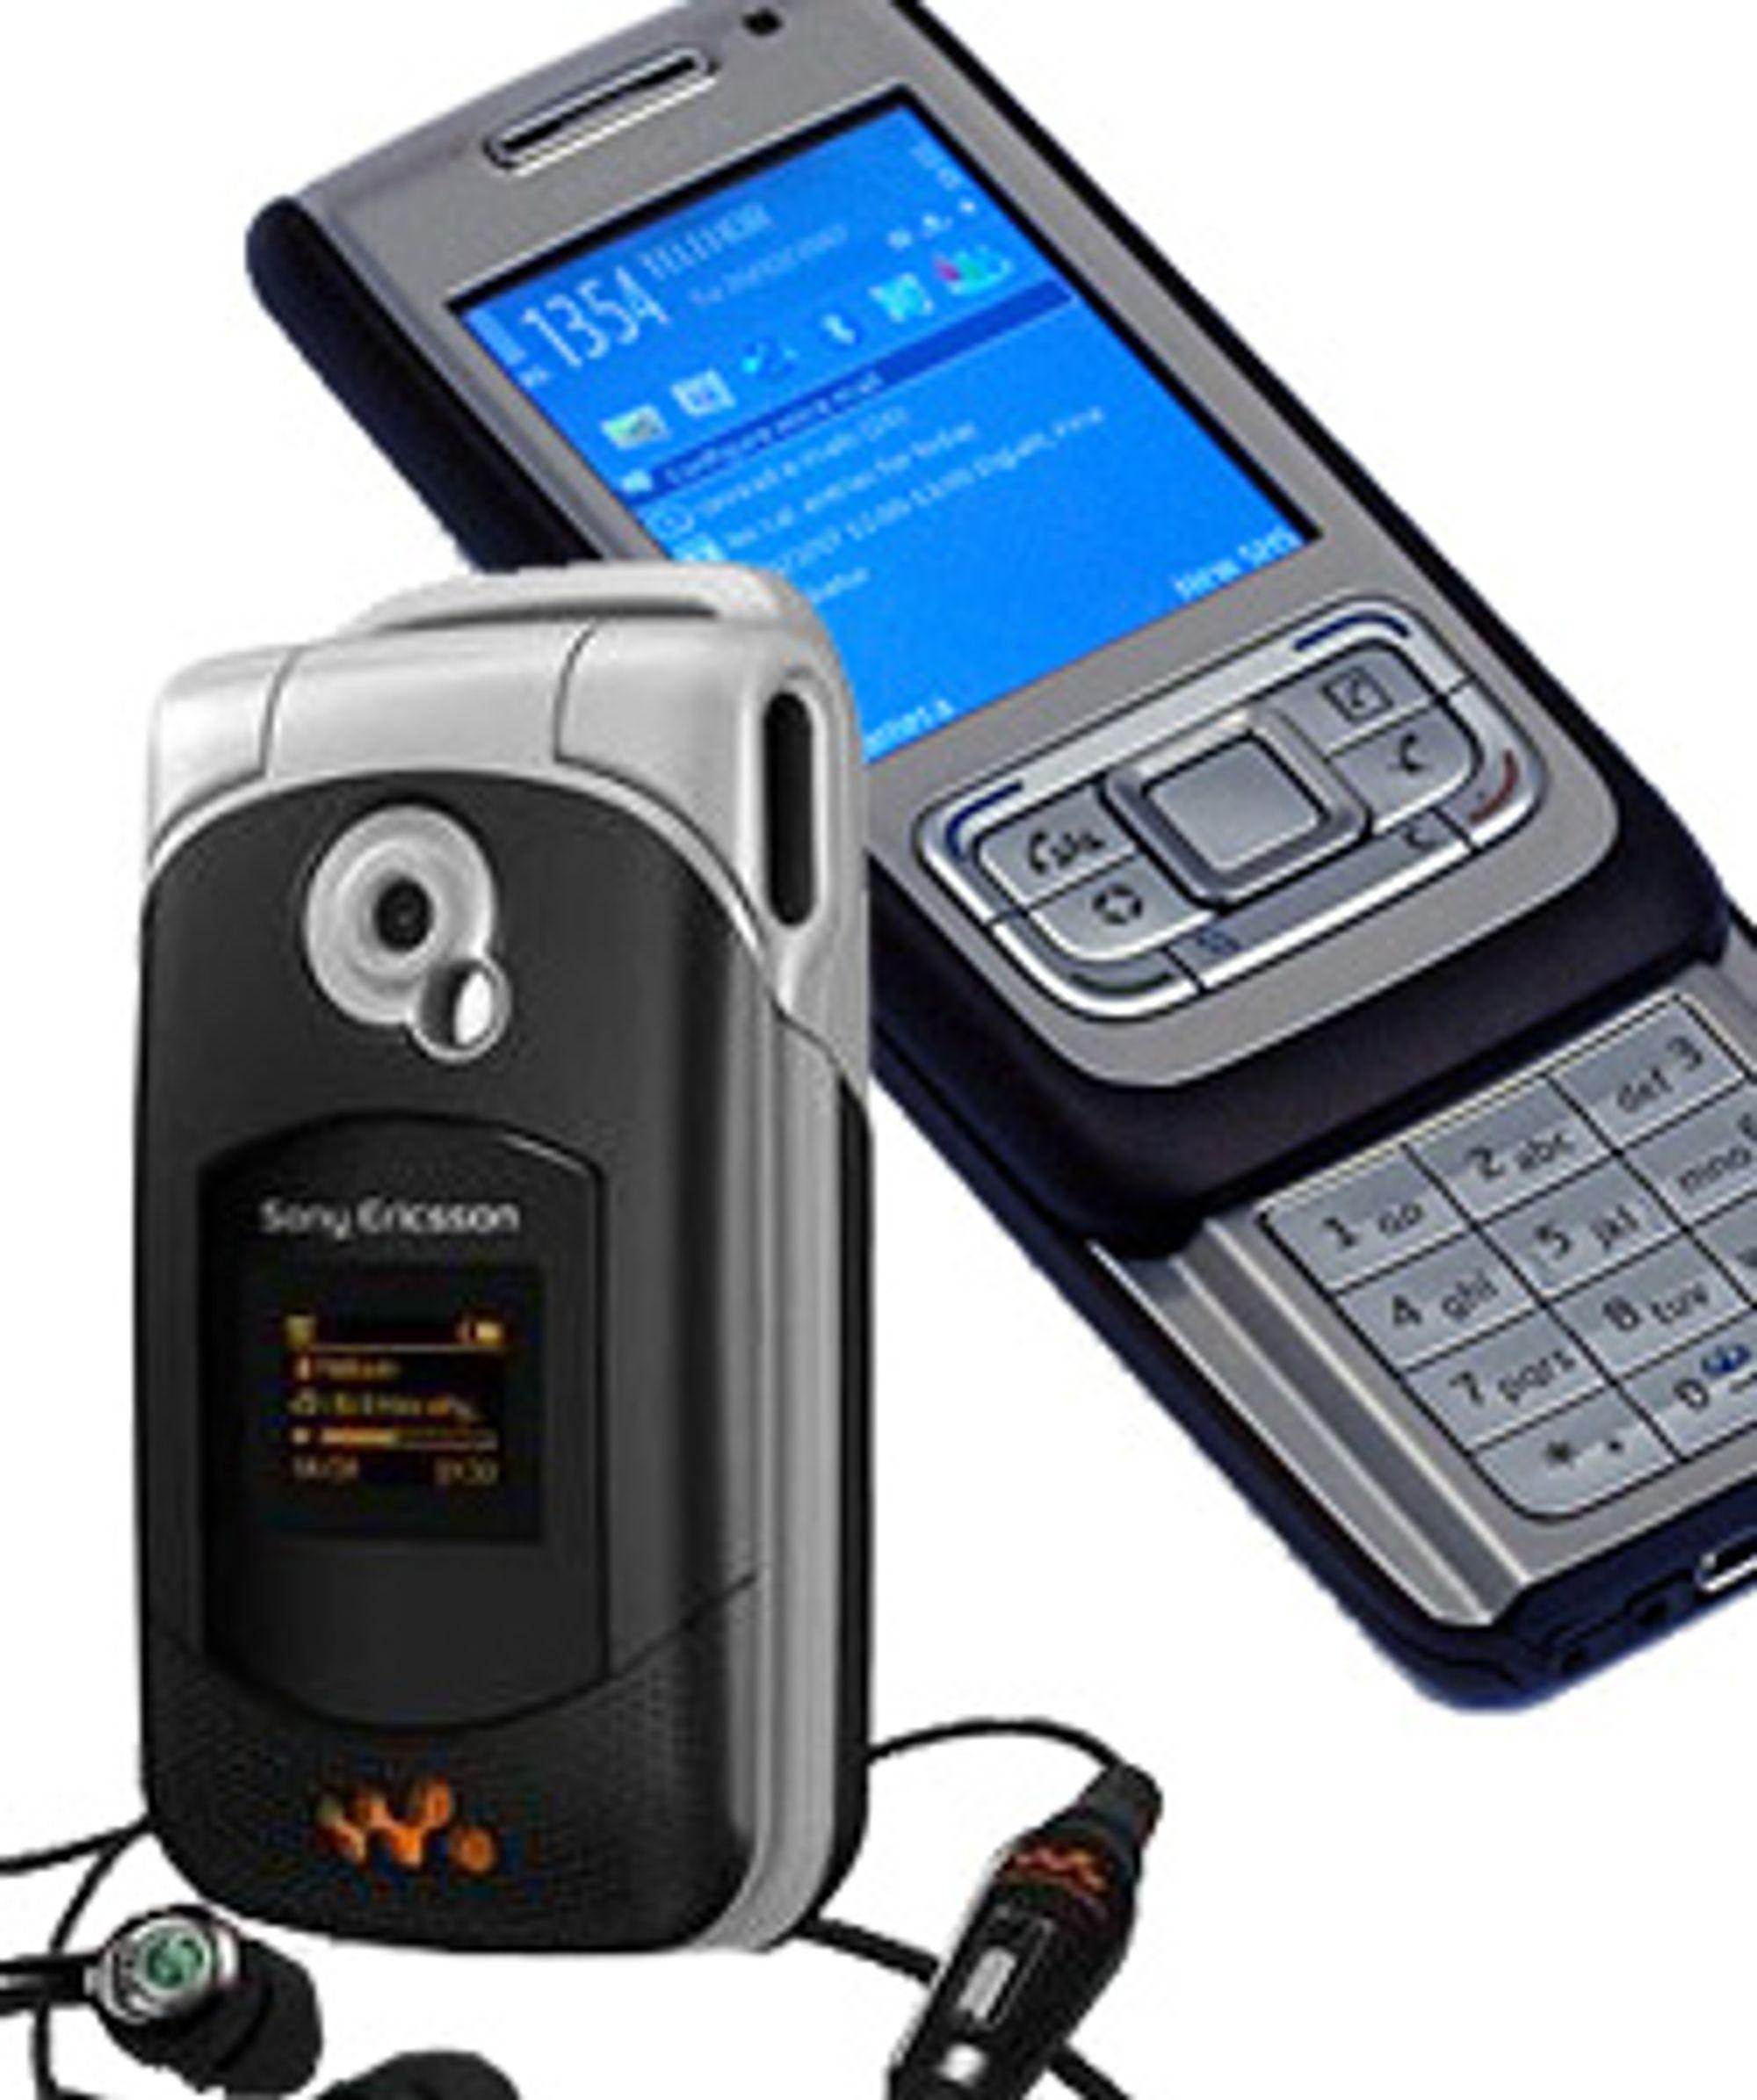 Disse mobilene inneholder nikkel. Før året er omme kan det bli slutt på nikkellegeringer.